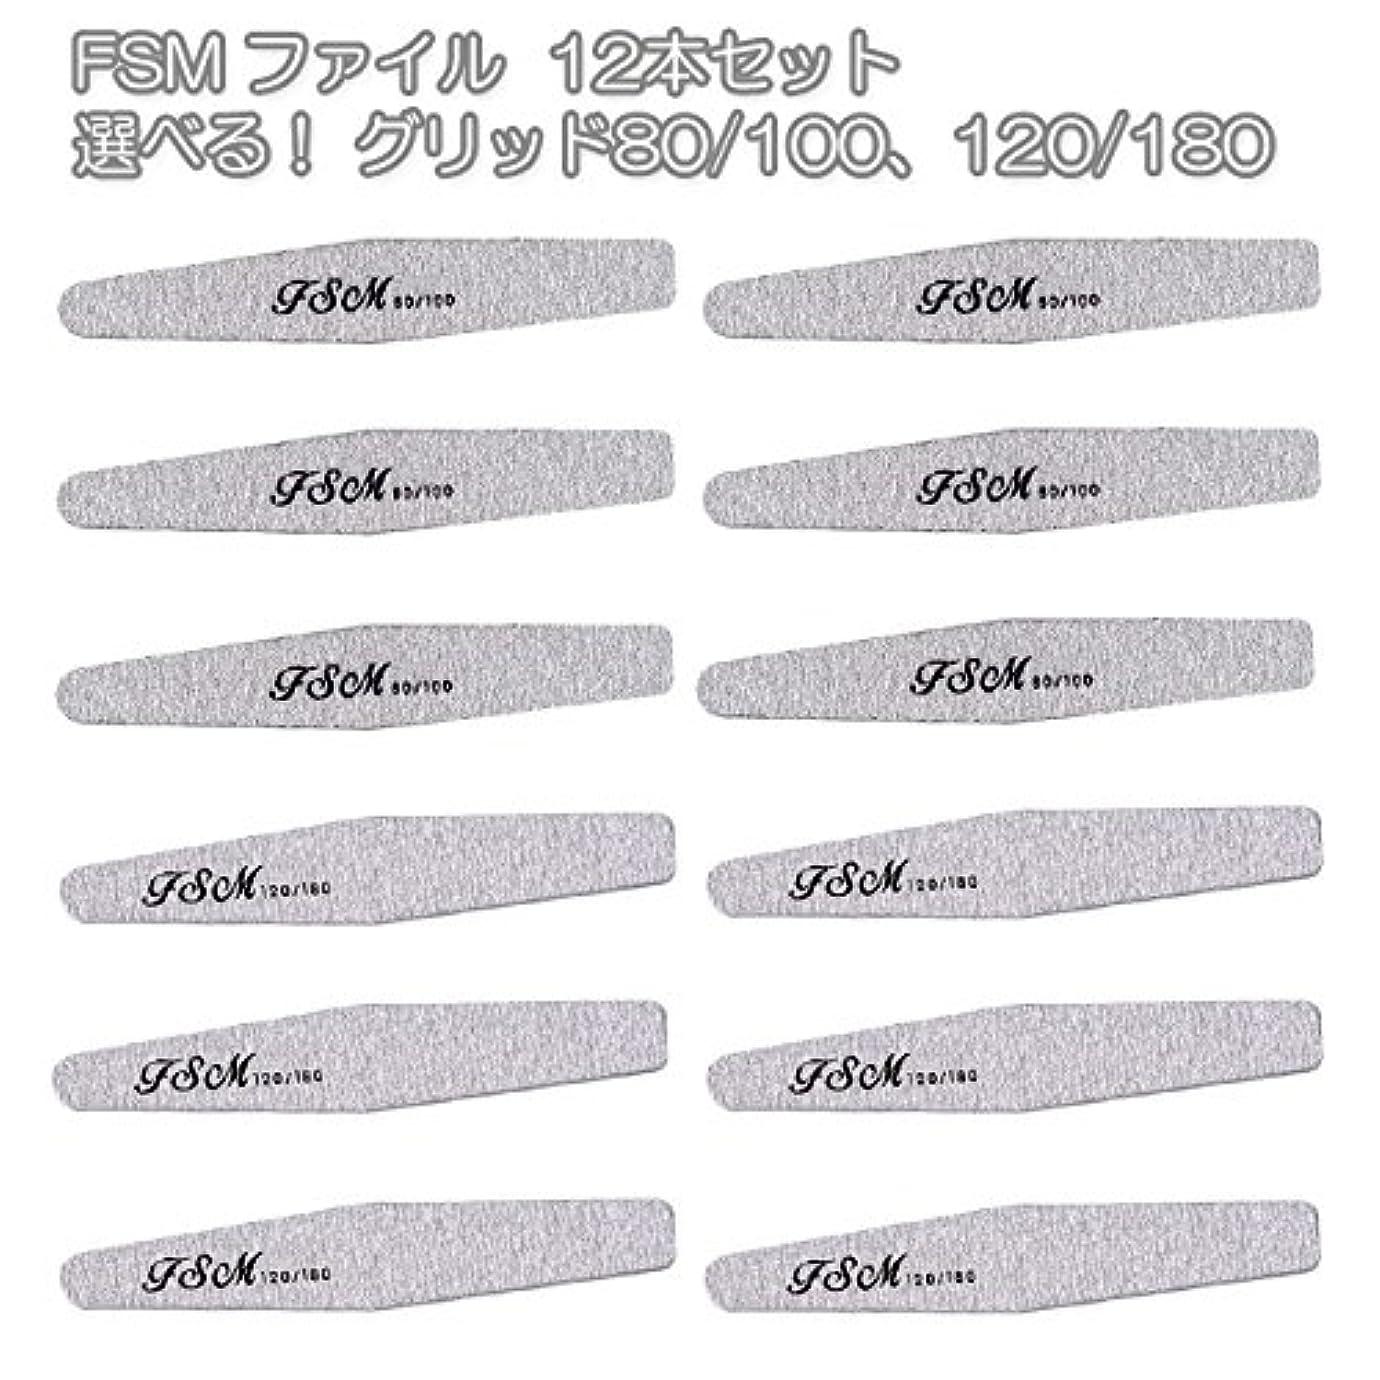 無線臭いもっとFSM ネイルファイル/バッファー12本セット(選べる!グリッド80/100、120/180) (G80/100の6本+G120/180の6本)